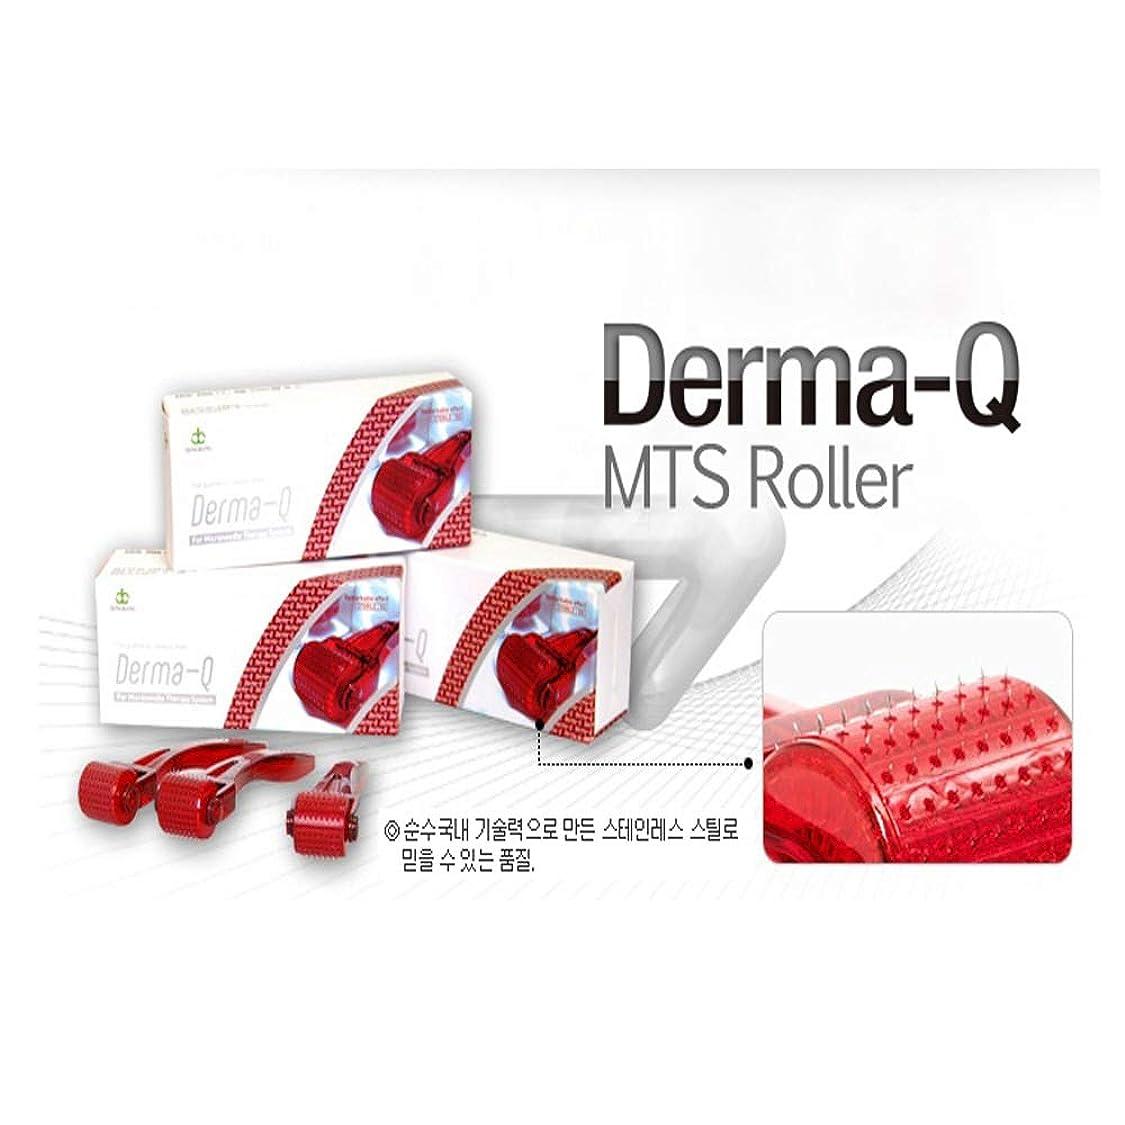 調和のとれた重要な水差しDong Bang MTS Derma 美肌 ミニ針 治療スキンケアツール - 0.25mm*0.3mm/0.5mm/1.0mm/1.5mm/2.0mm ローラー美顔器 (0.25*0.5mm)